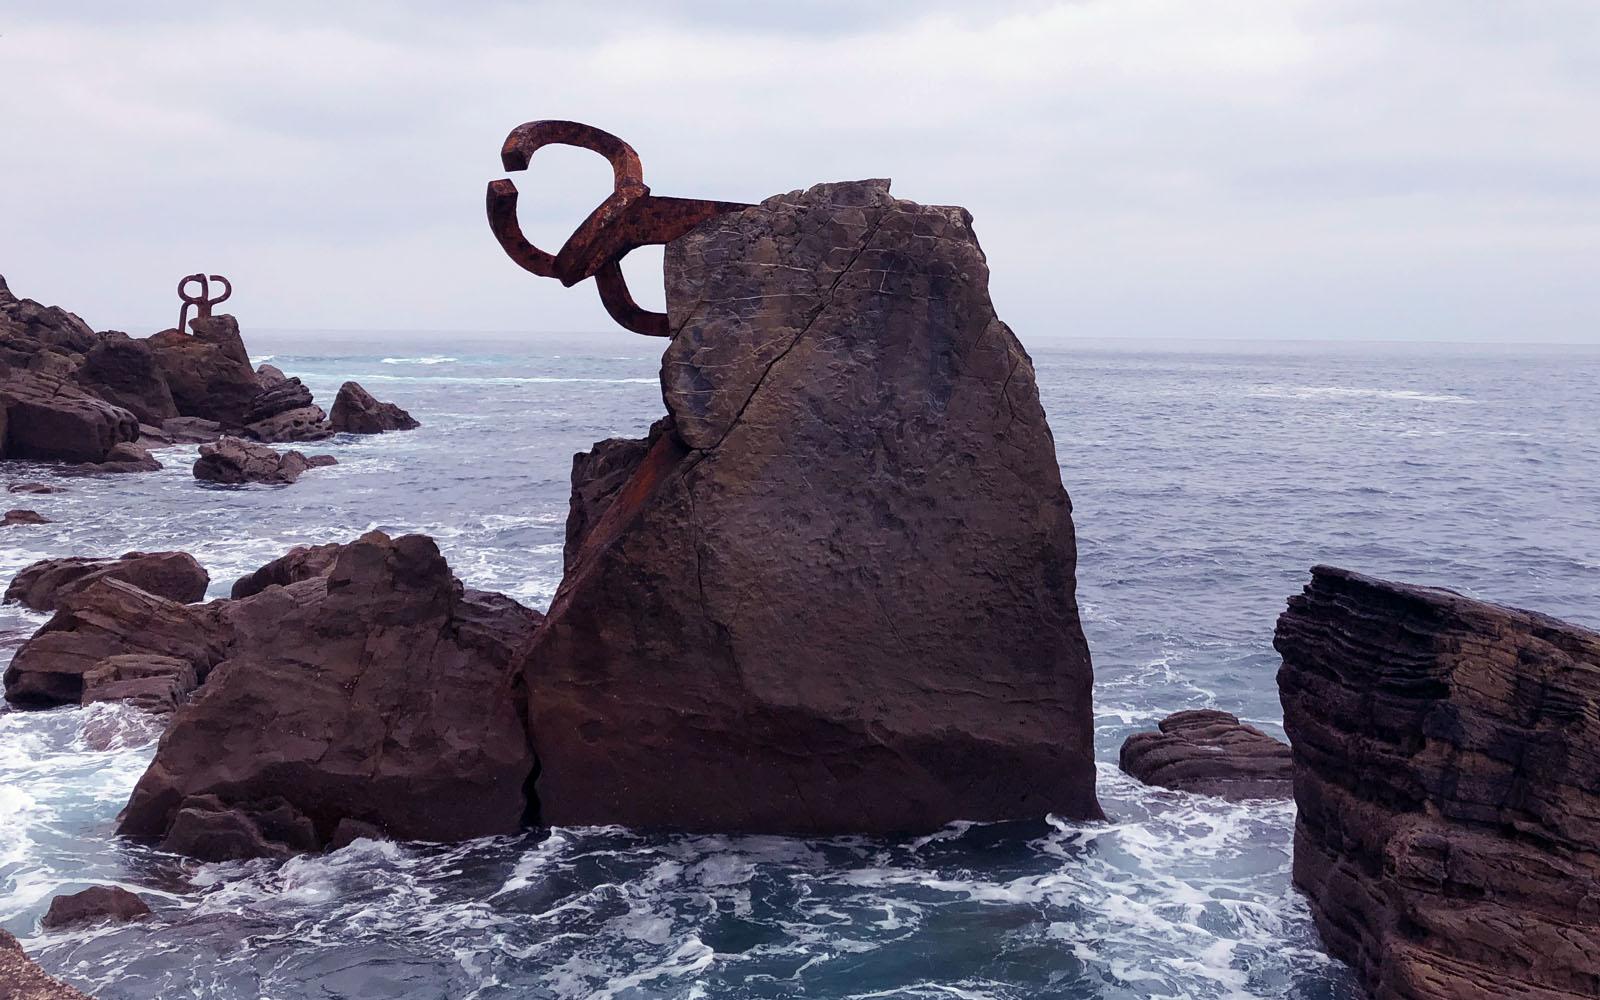 """Uno scorcio della scultura """"Peine del Viento"""" sulla spiaggia Ondarreta."""